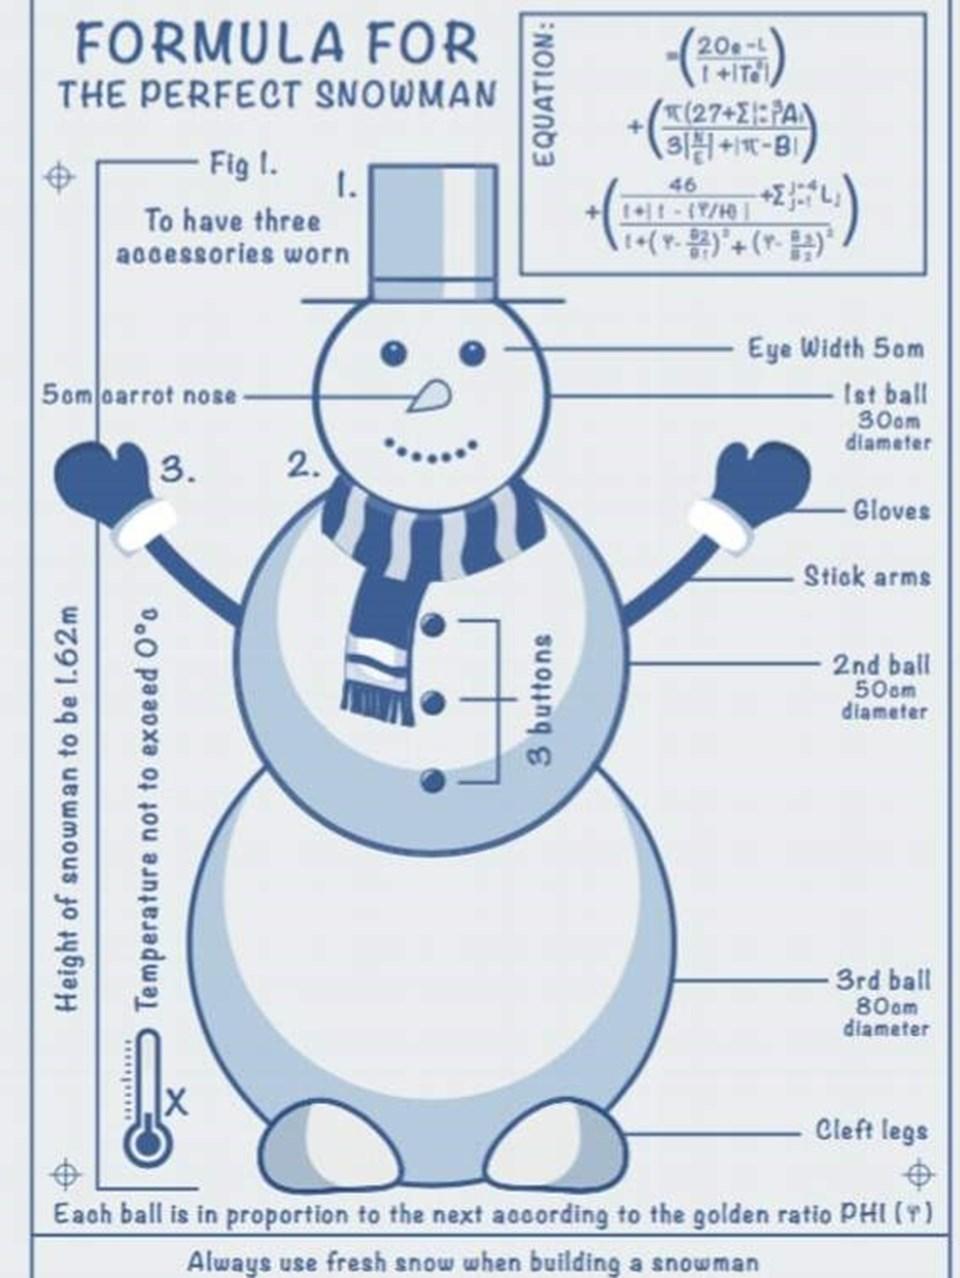 Nottingham Trent Üniversity'den Dr. James Hind'in formülü her kış arananlarlistesinde.